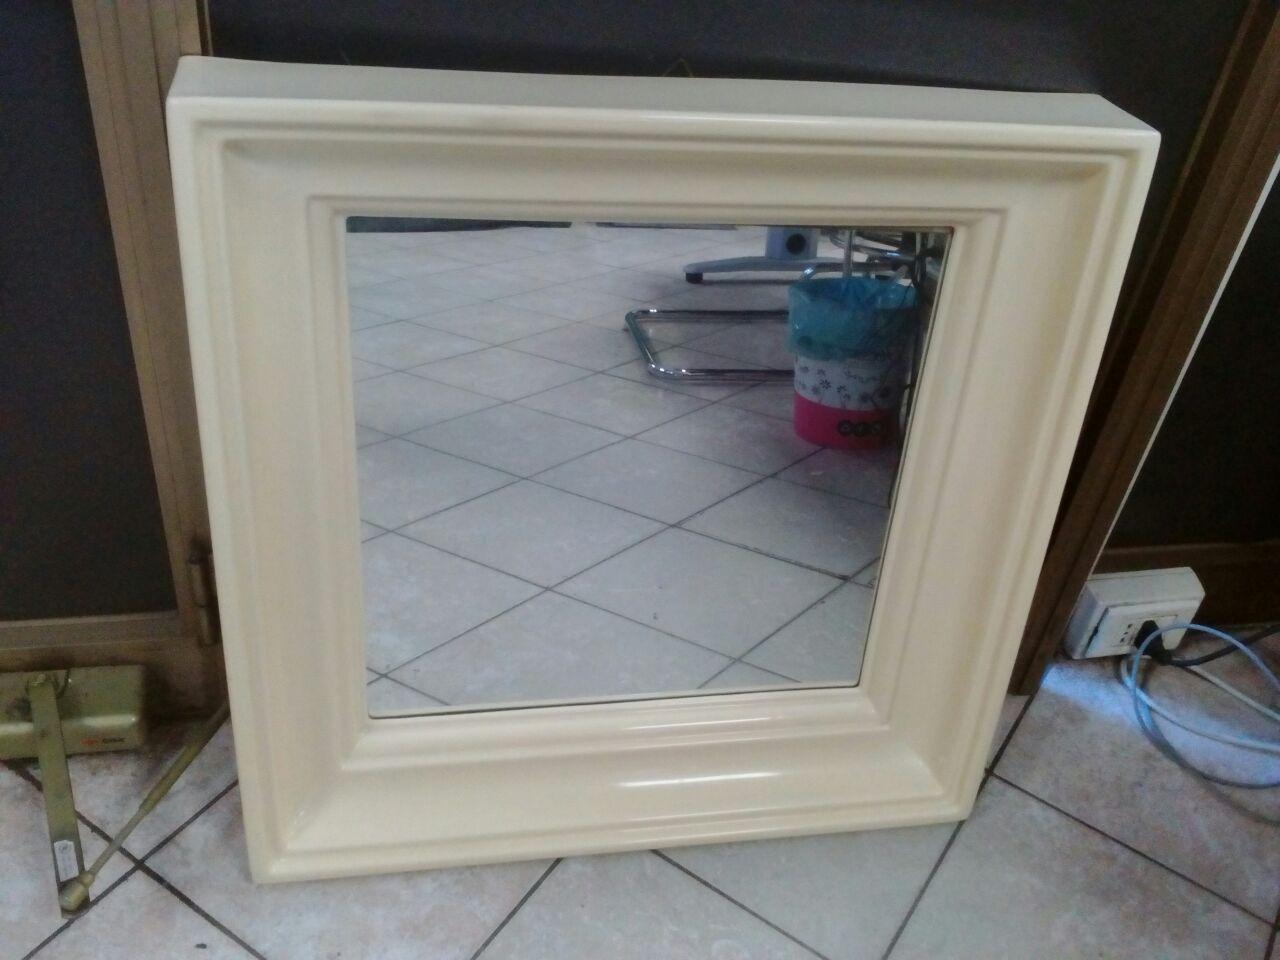 Catanzaro specchio bagno vintage con cornice panna for Specchio quadrettato per fisioterapia usato